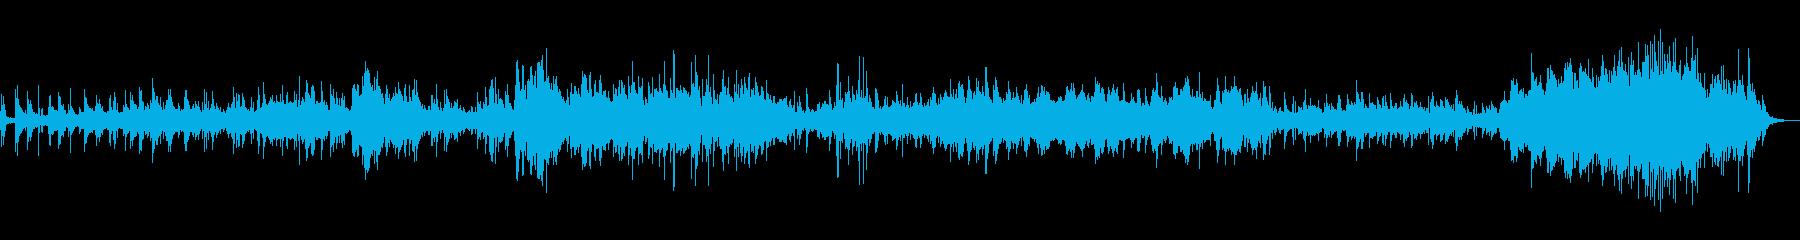 静かなギターとピアノのアンビエントの再生済みの波形